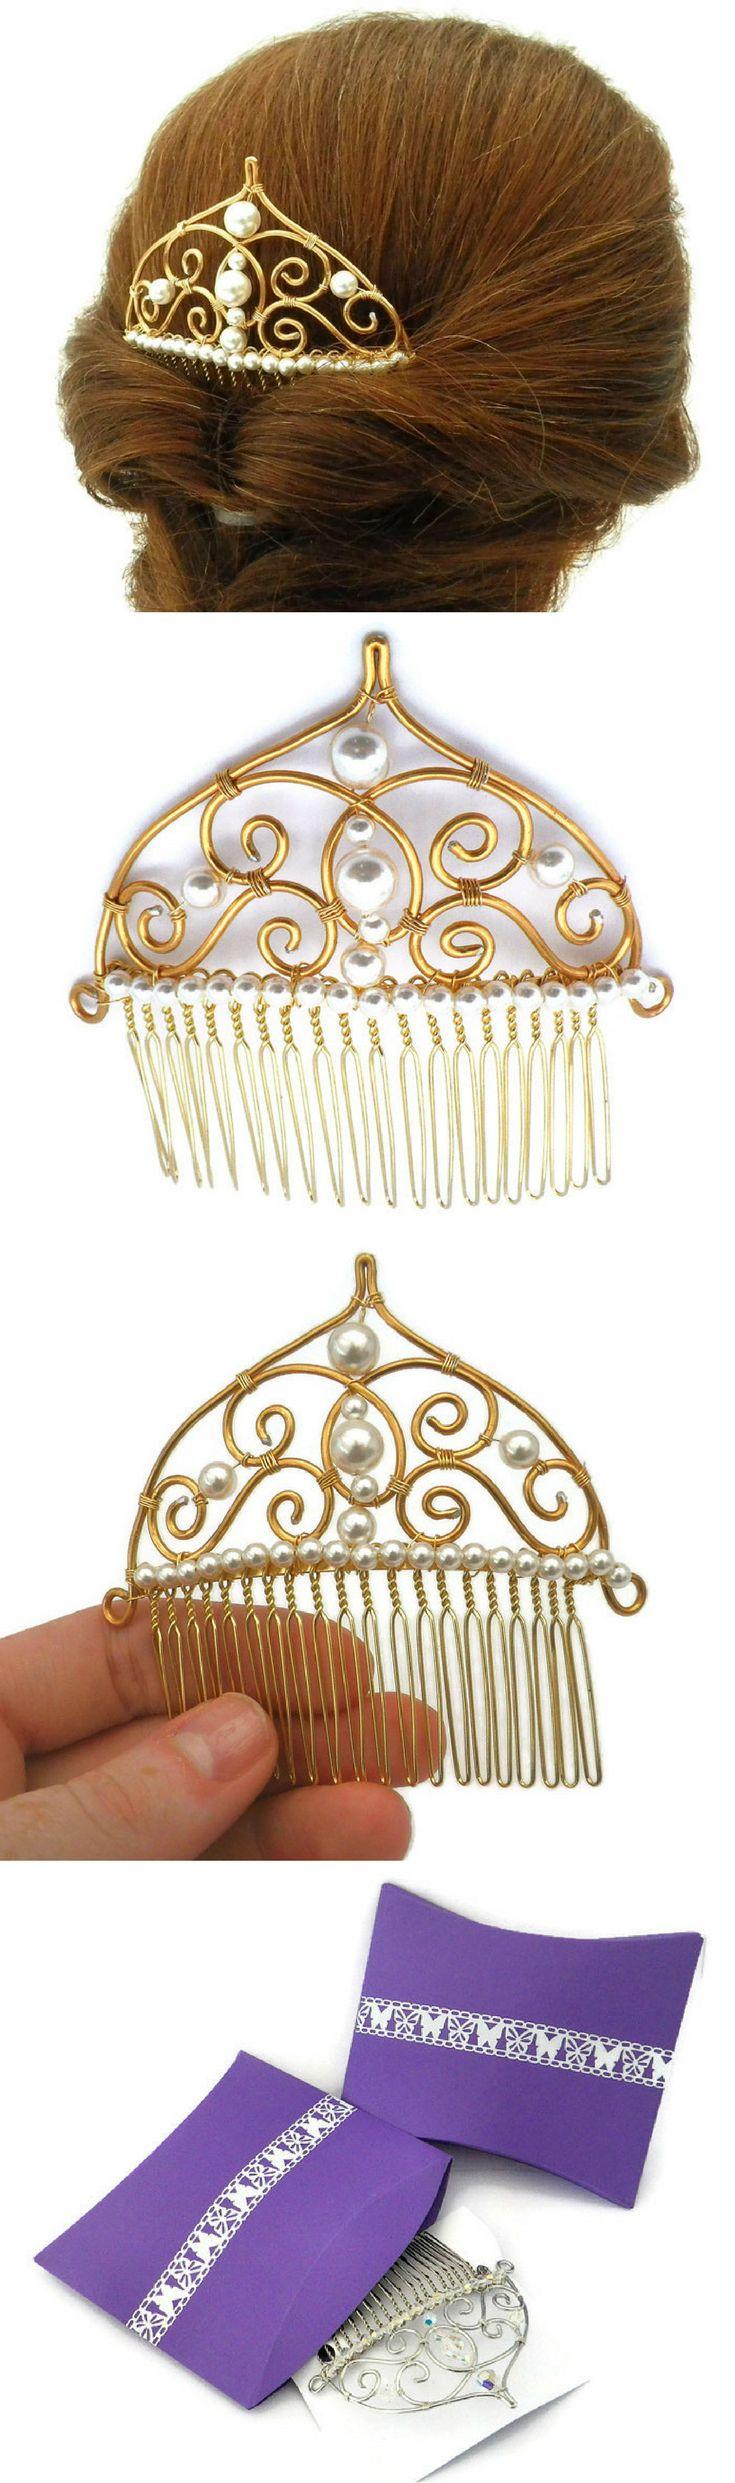 Silver, gold, pearl or crystal hair comb, bridesmaid hair ideas, easy wedding hair accessories, flower girl hair ideas, dance hairstyles, prom hair ideas.